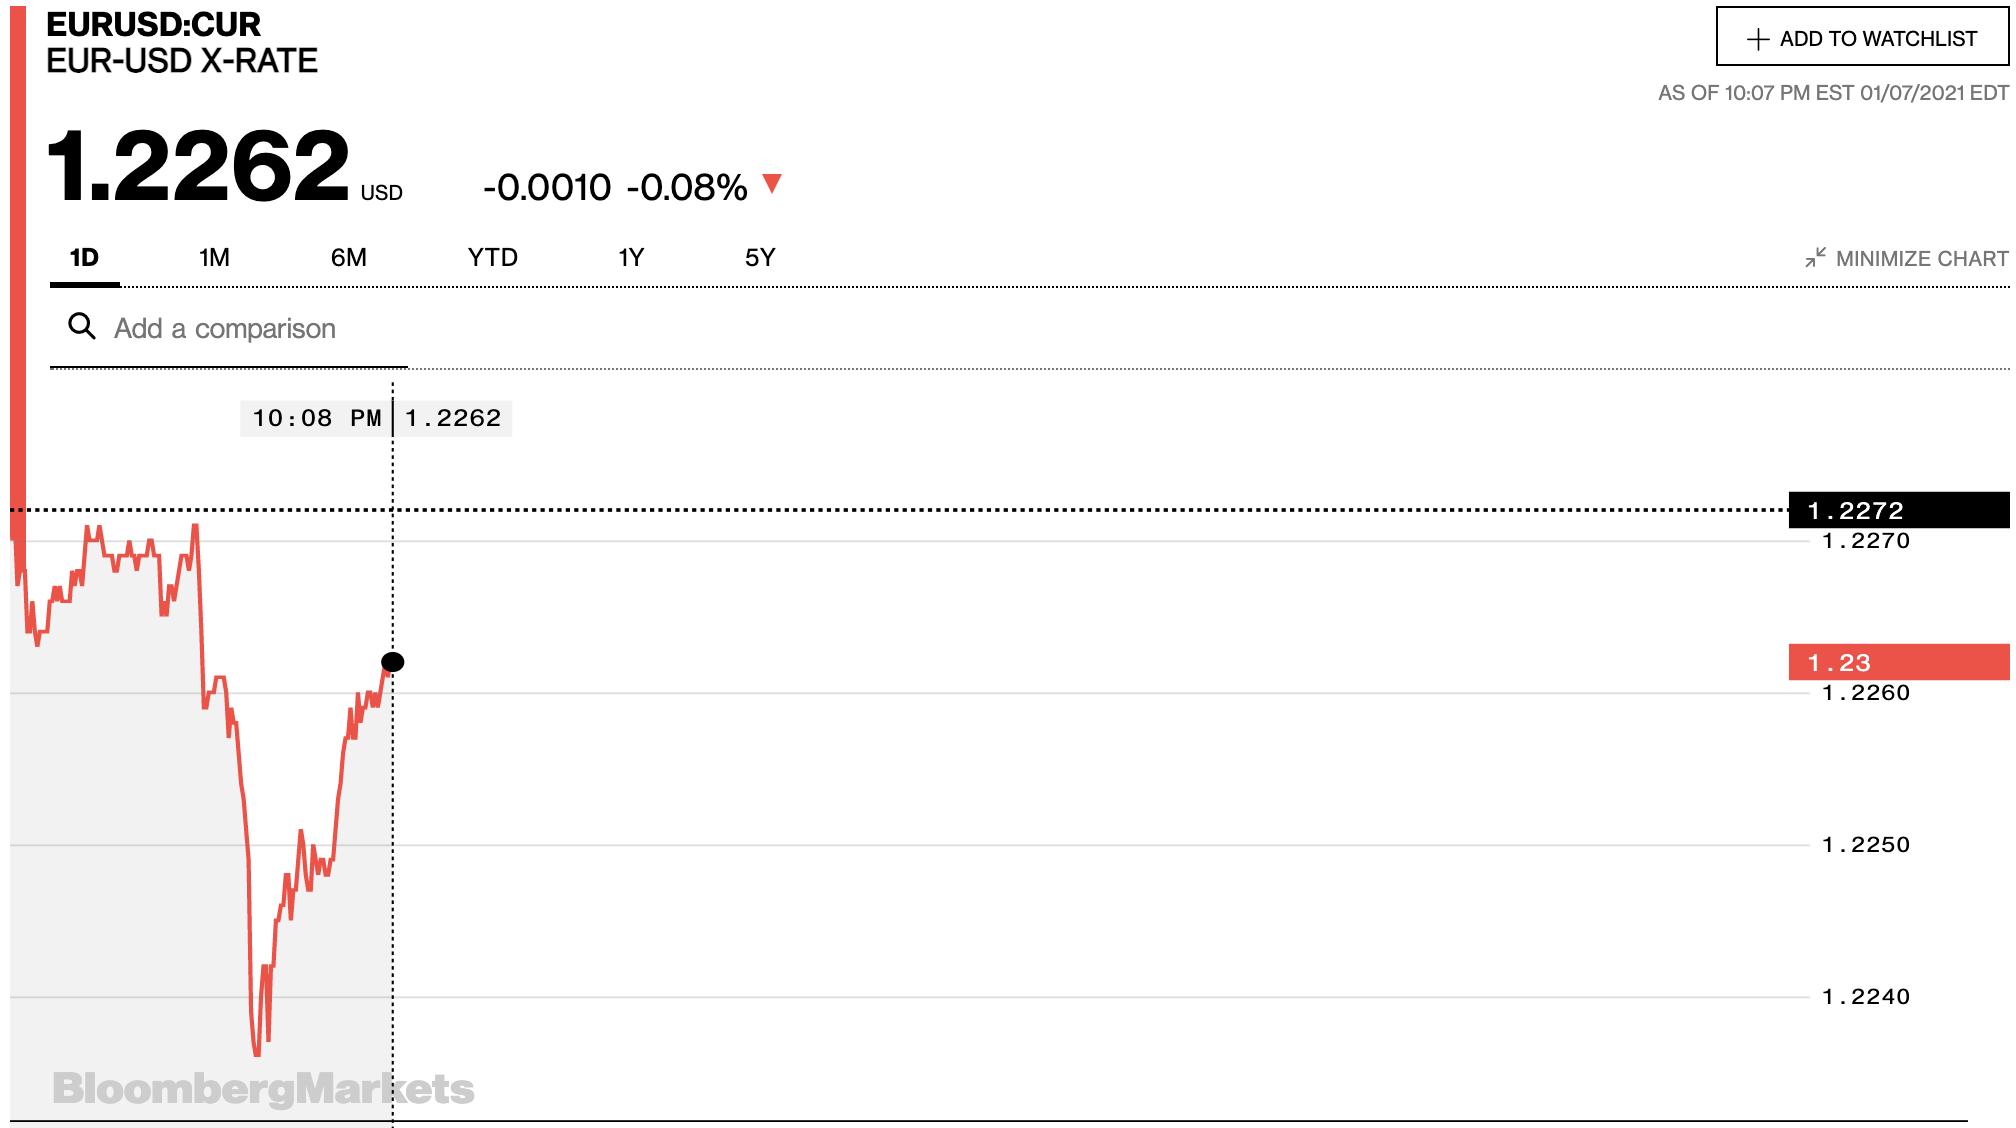 Tỷ giá euro hôm nay 8/1: Tỷ giá euro đồng loạt giảm tại các ngân hàng ngày đầu tuần - Ảnh 2.